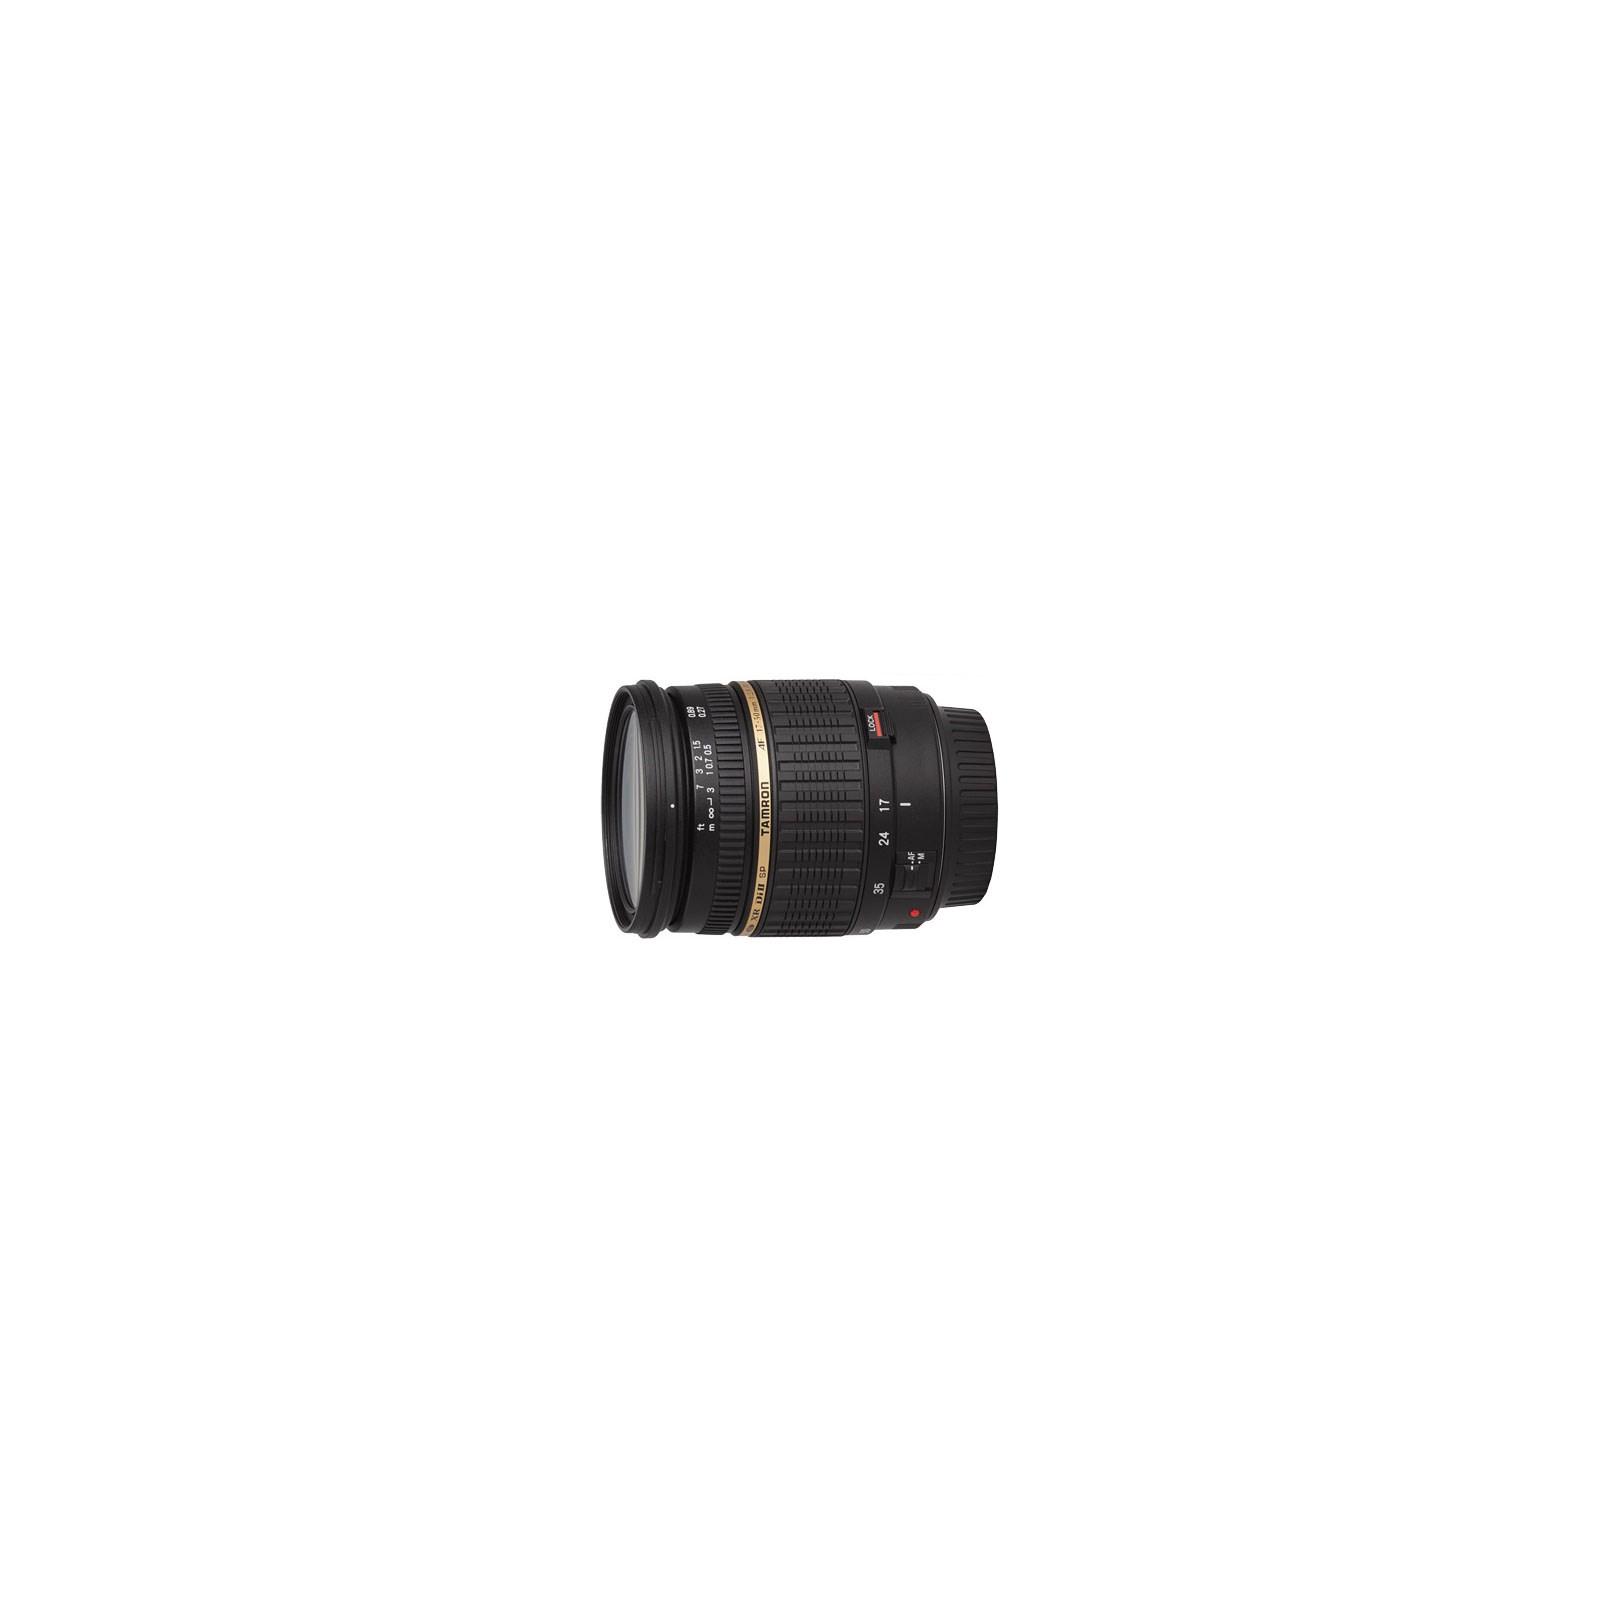 Объектив Tamron SP AF 17-50mm f/2.8 XR Di II VC LD Asp. (IF) for Nikon (AF 17-50mm VC for Nikon)